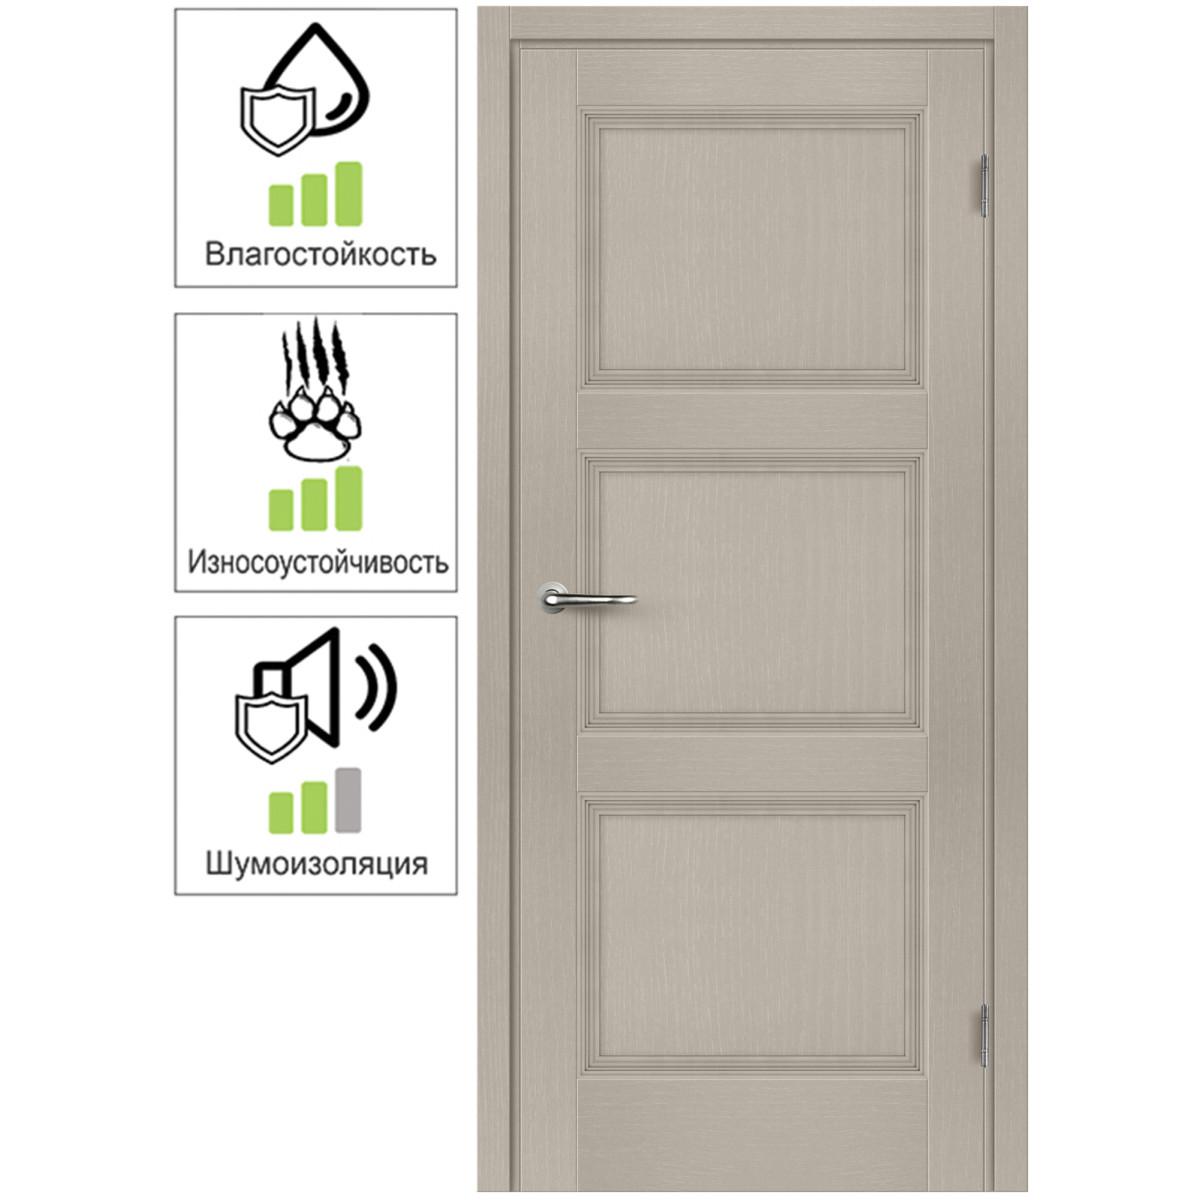 Дверь межкомнатная глухая Трилло 80x200 см Hardflex цвет ясень